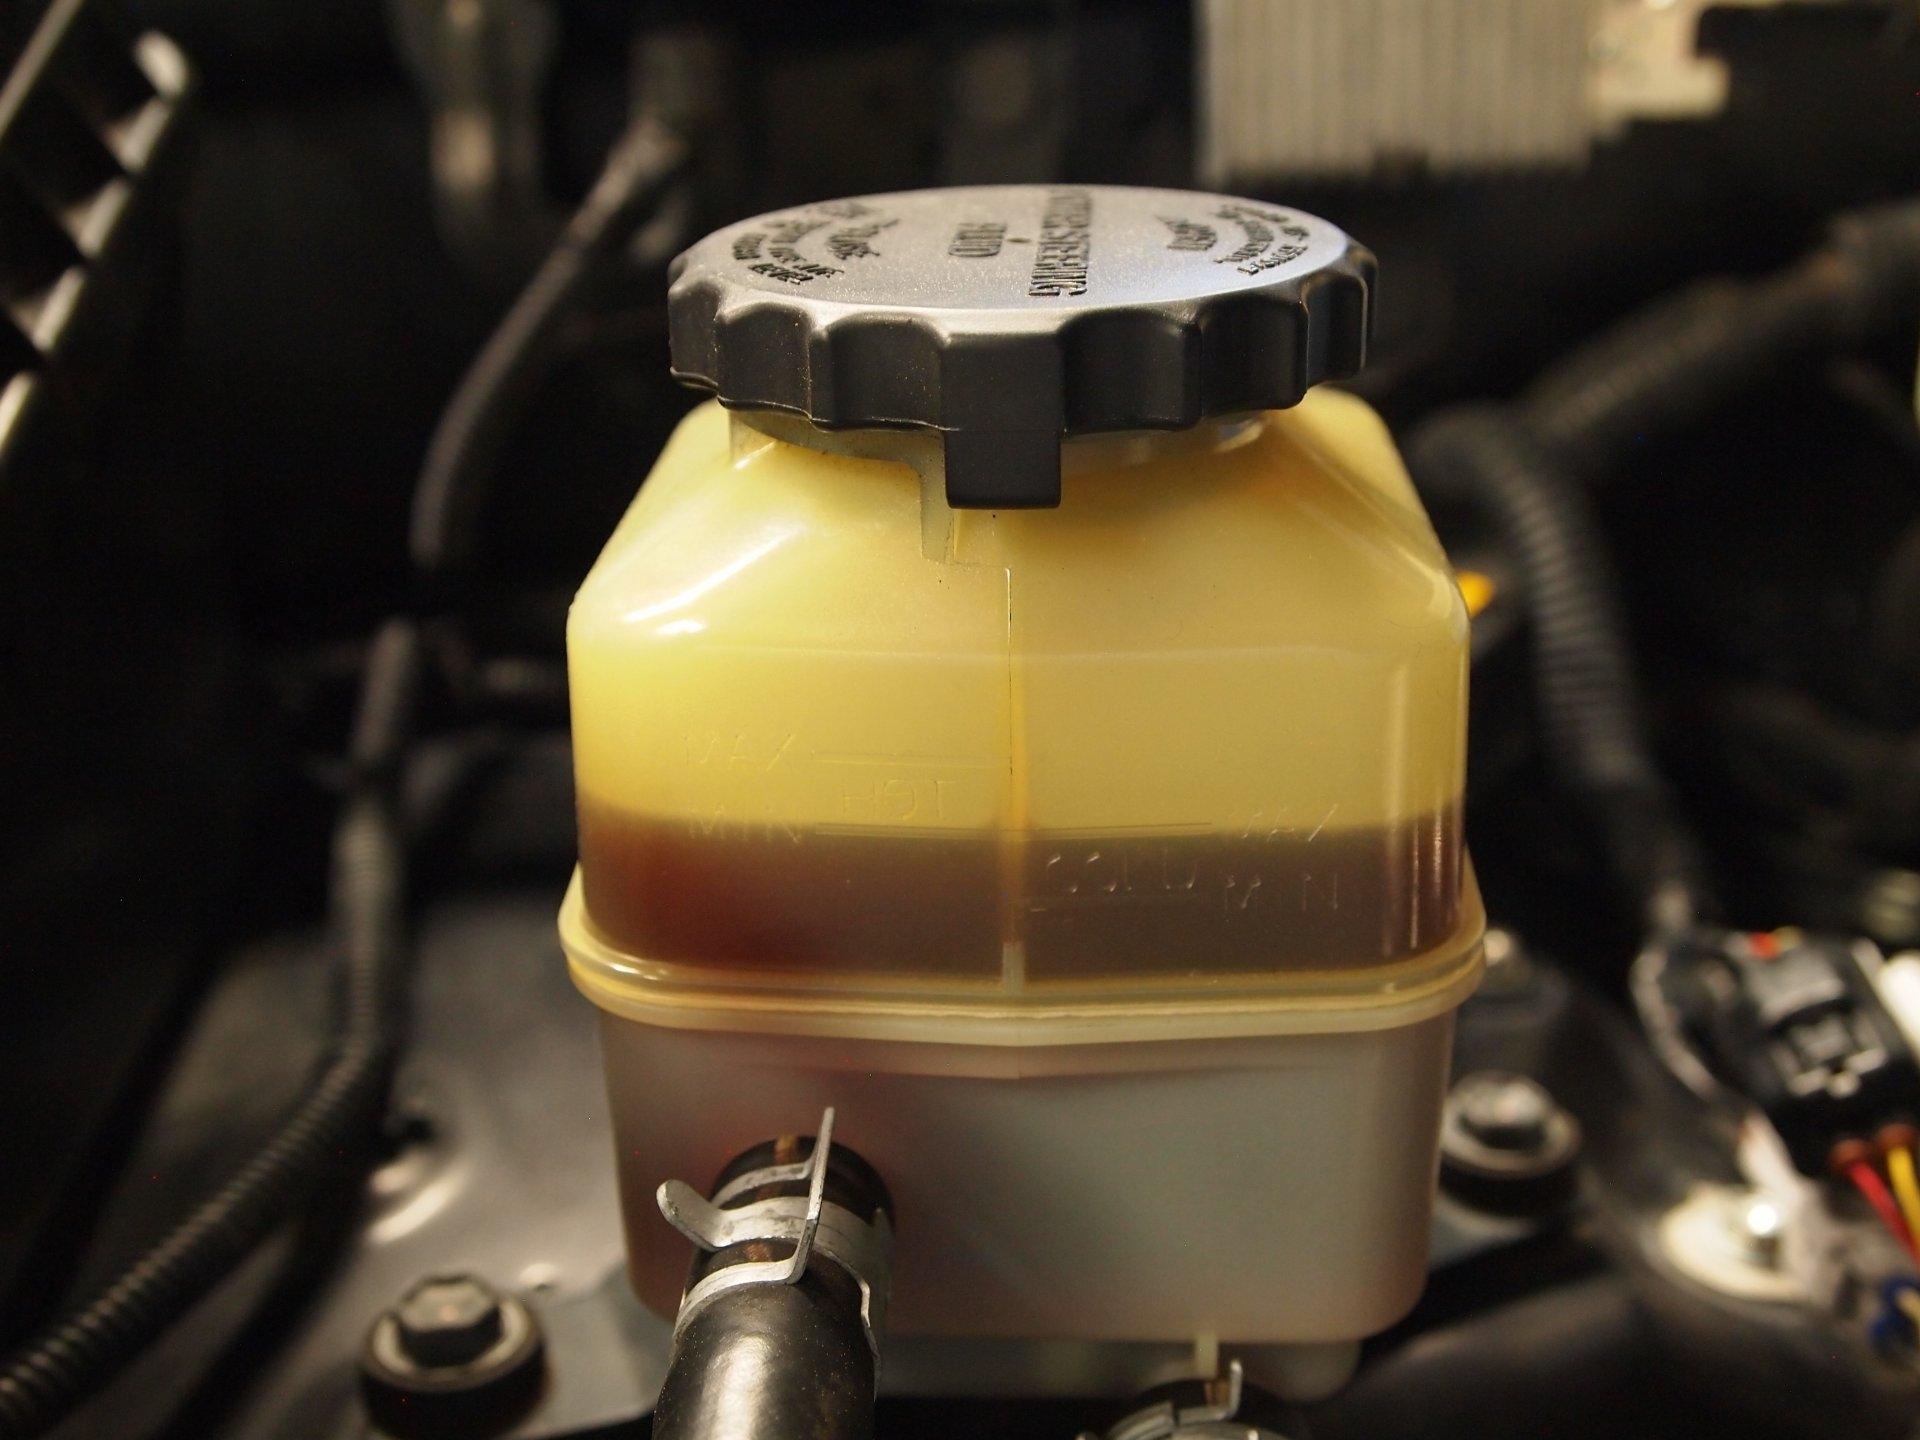 Power steering reservoir 5-22-17 (2).JPG